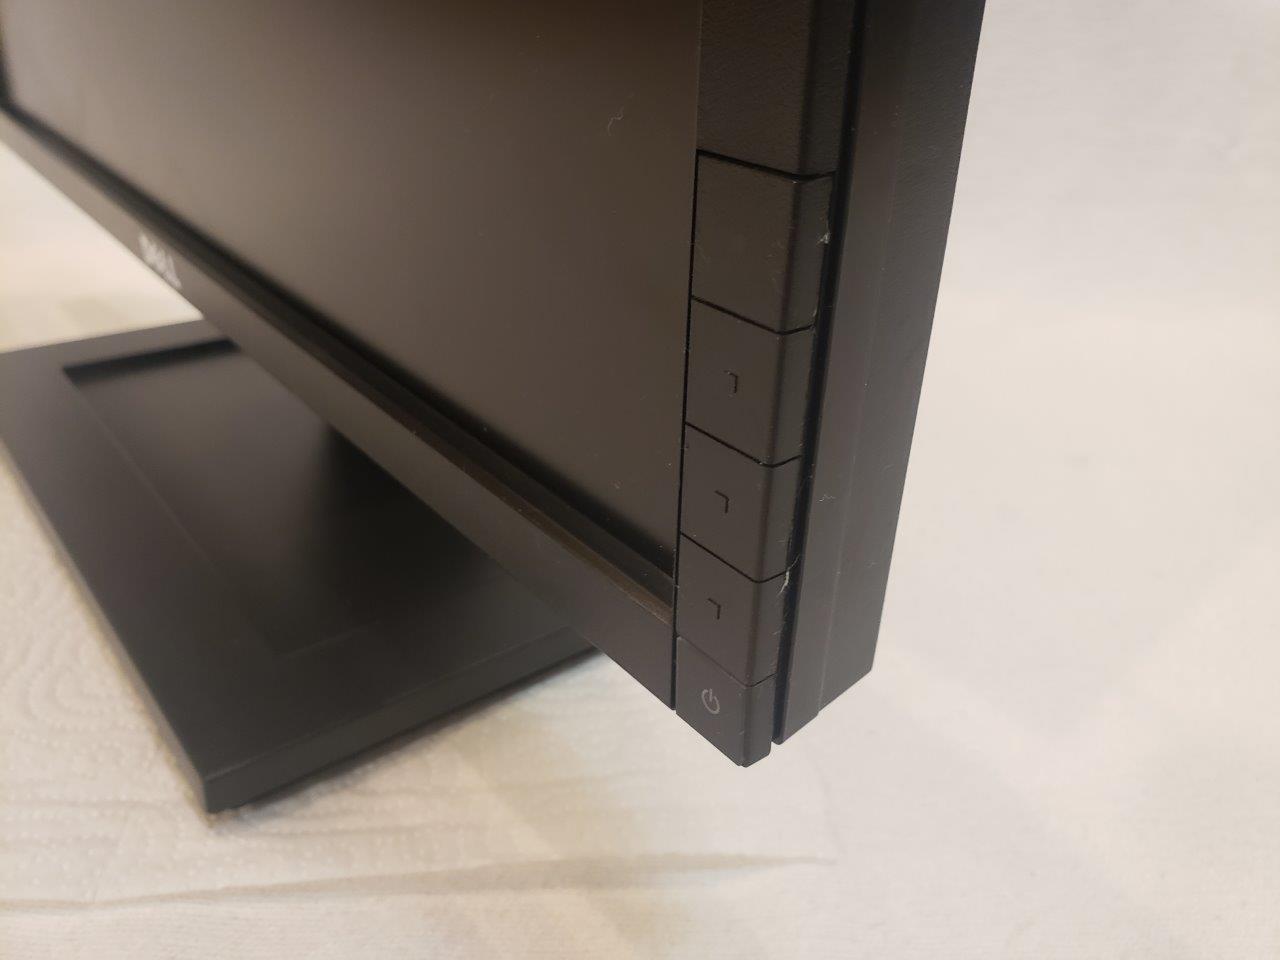 Dell E1911c Grade A 19 inch Widescreen LCD Monitor monitors small